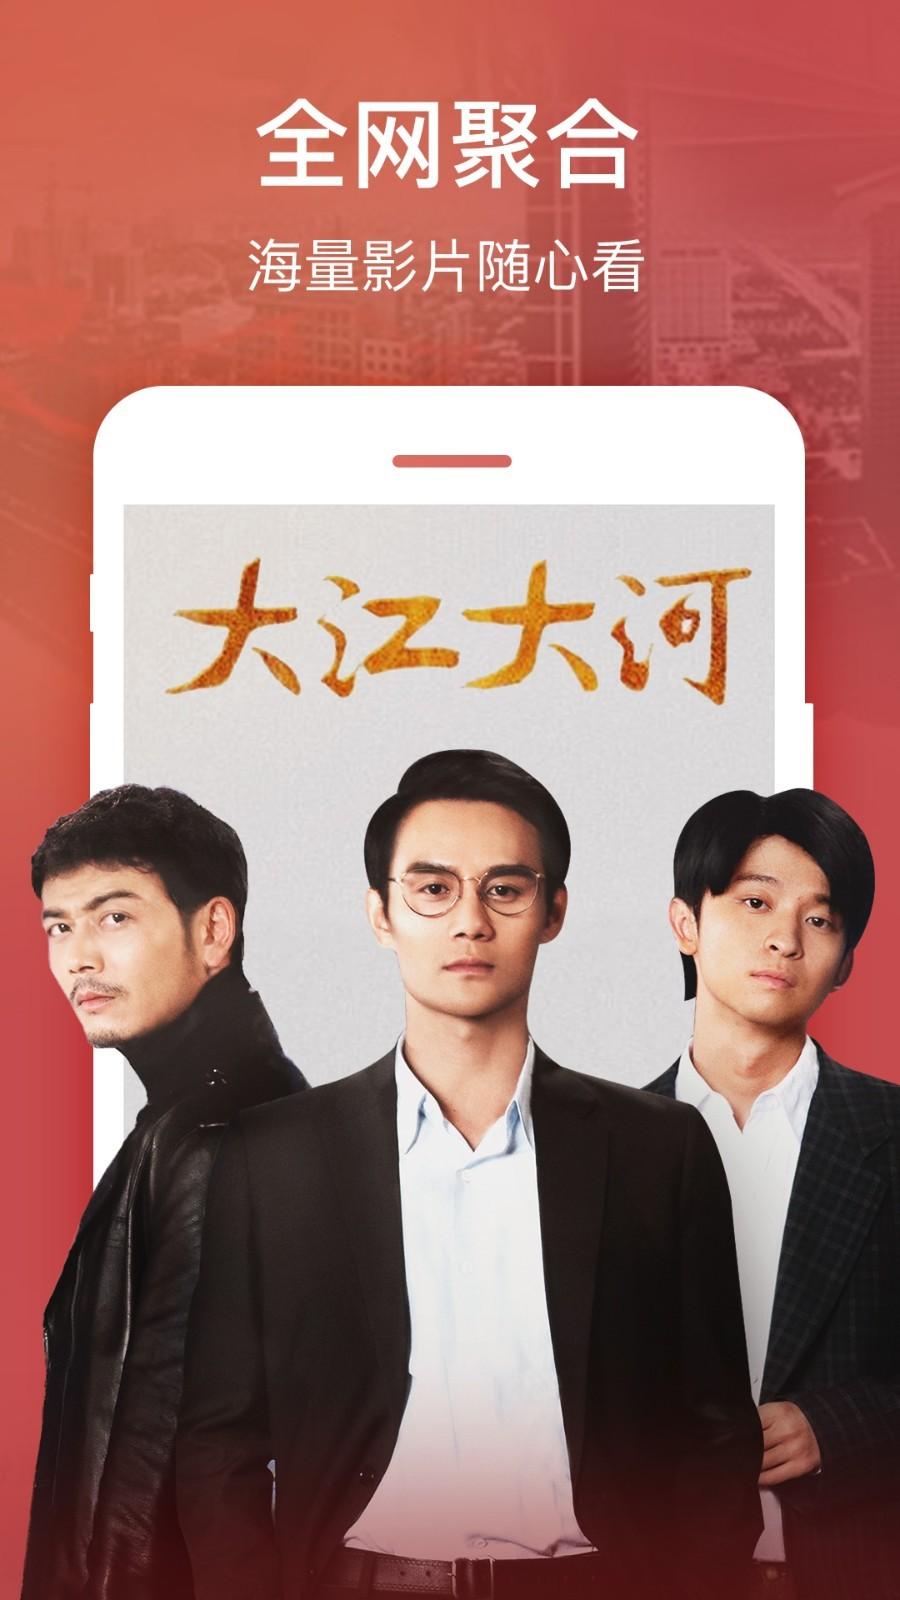 KM影视大全app截图